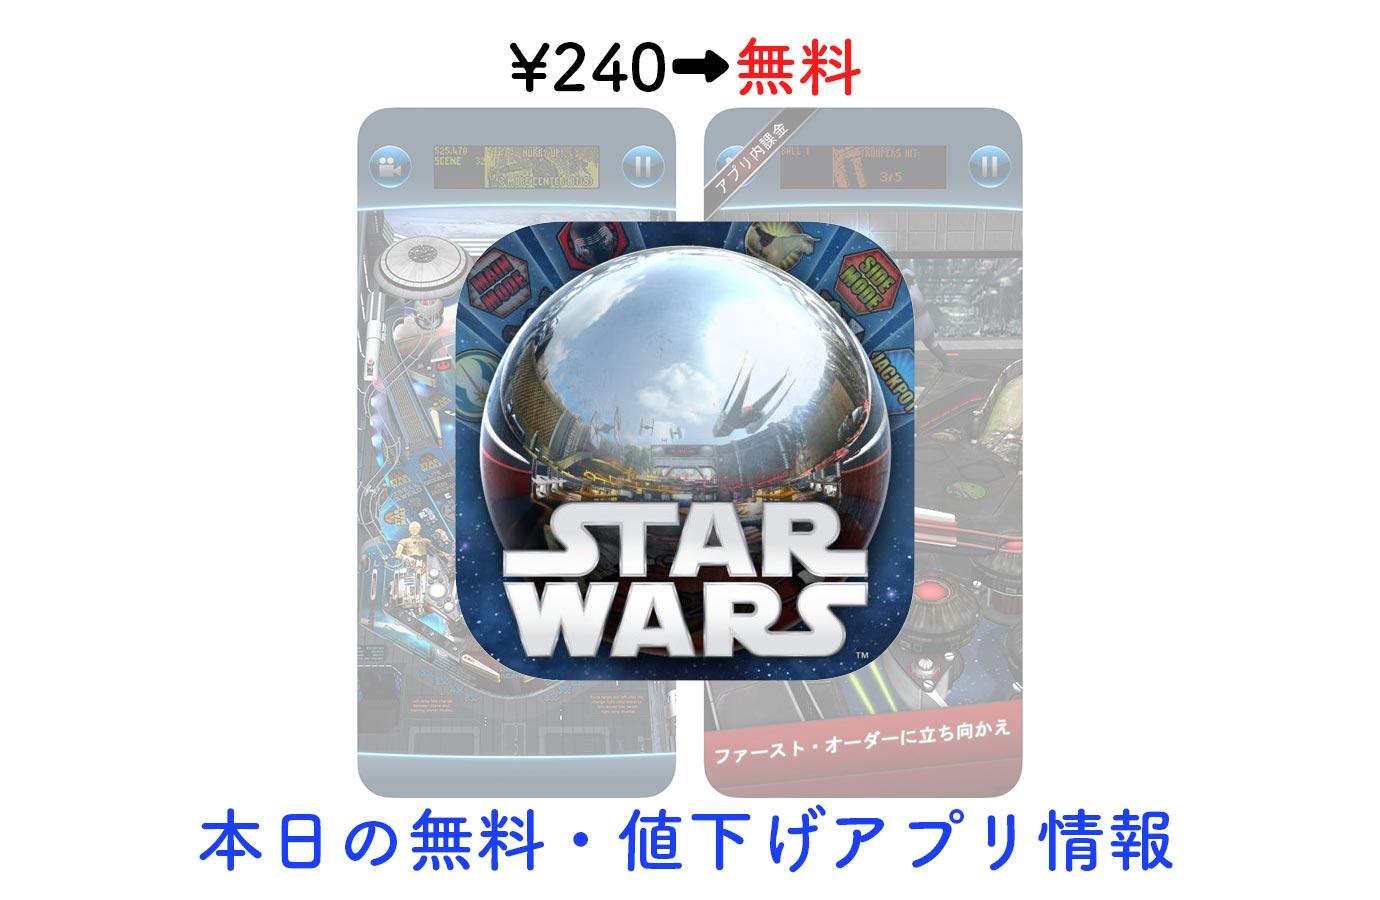 240円→無料、スターウォーズをテーマにしたピンボール「Star Wars Pinball 6」など【5/2】セールアプリ情報